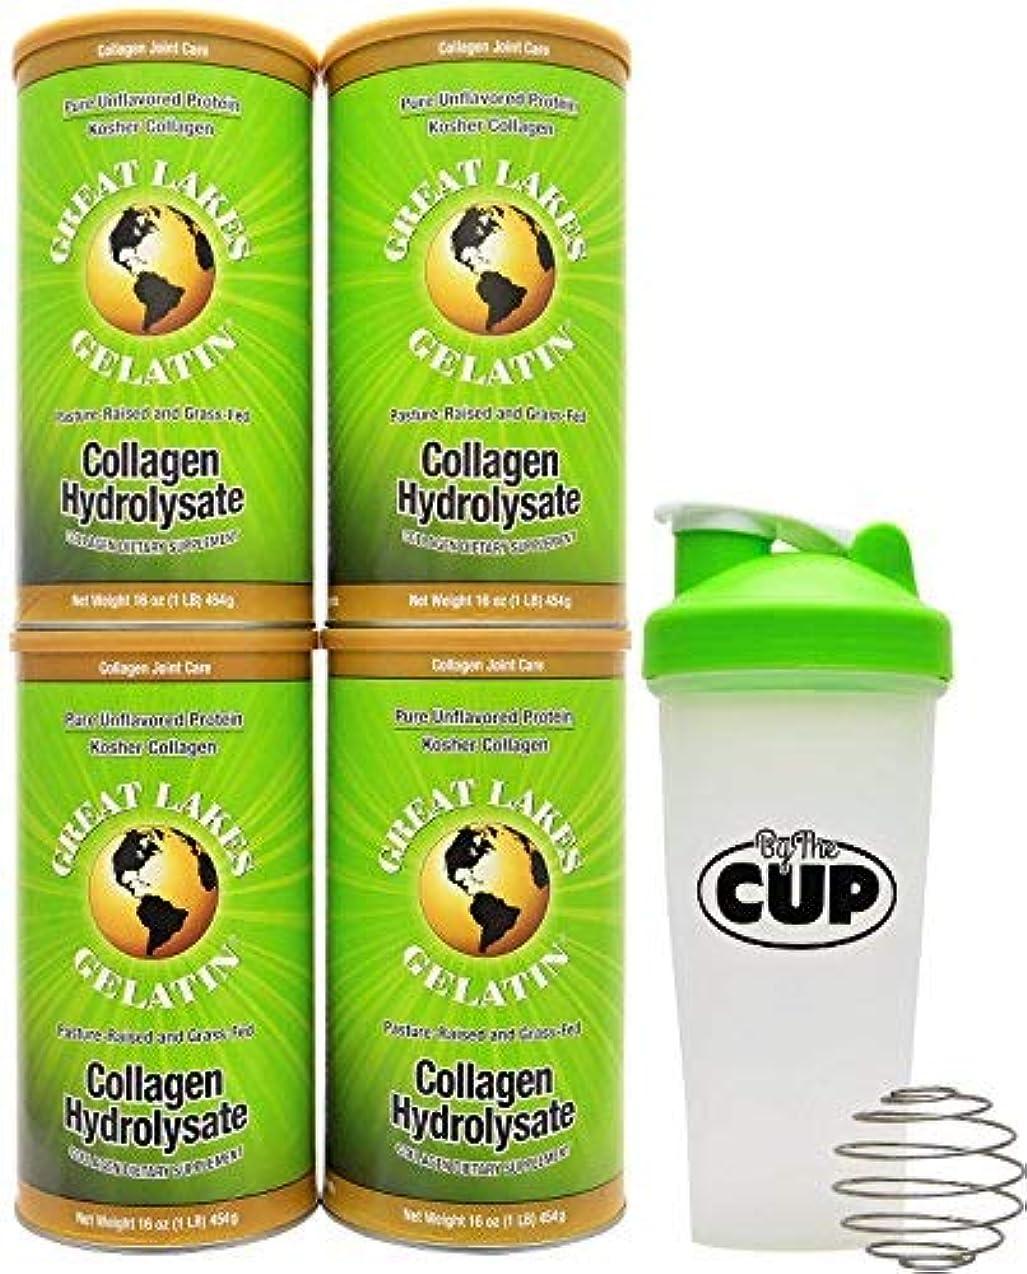 定数光沢のあるブロックGreat Lakes Gelatin 4 Collagen Hydrolysate 16-Ounce Cans and By The Cup Shaker Combo [並行輸入品]